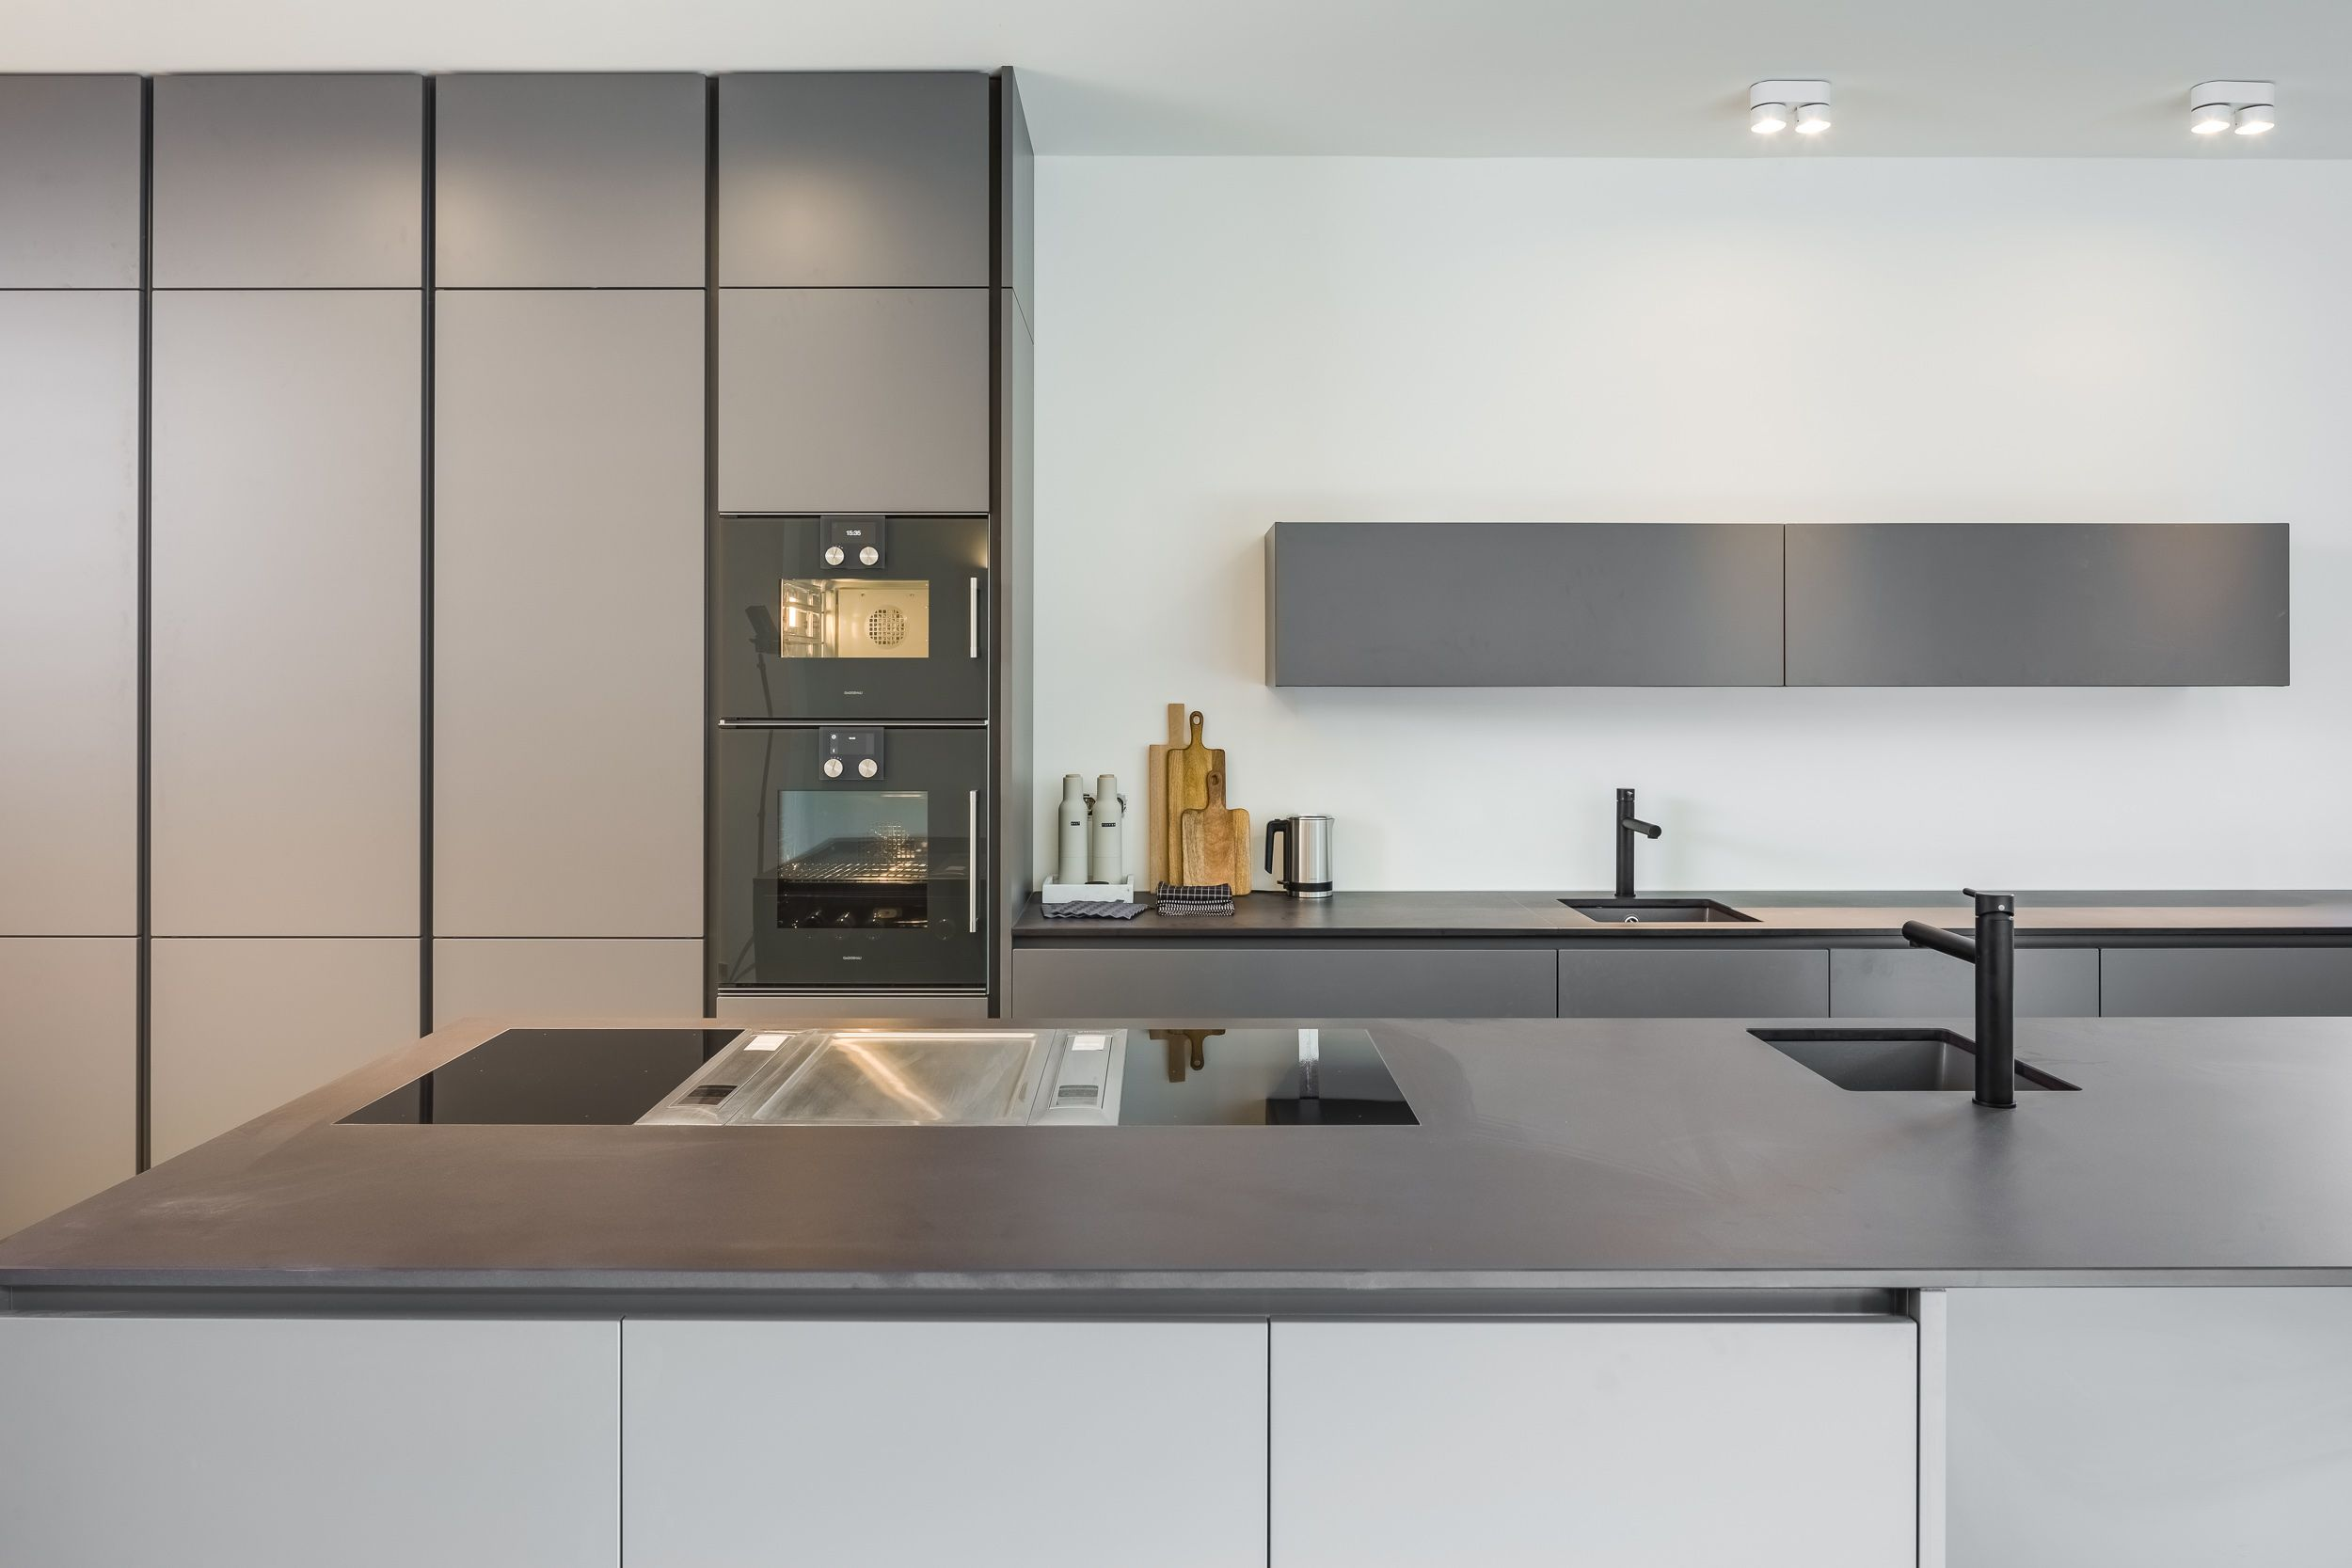 Bauhaus Moderne Kuche In Grau Innenturen Mit Glas Tur Mit Glas Innenglasturen